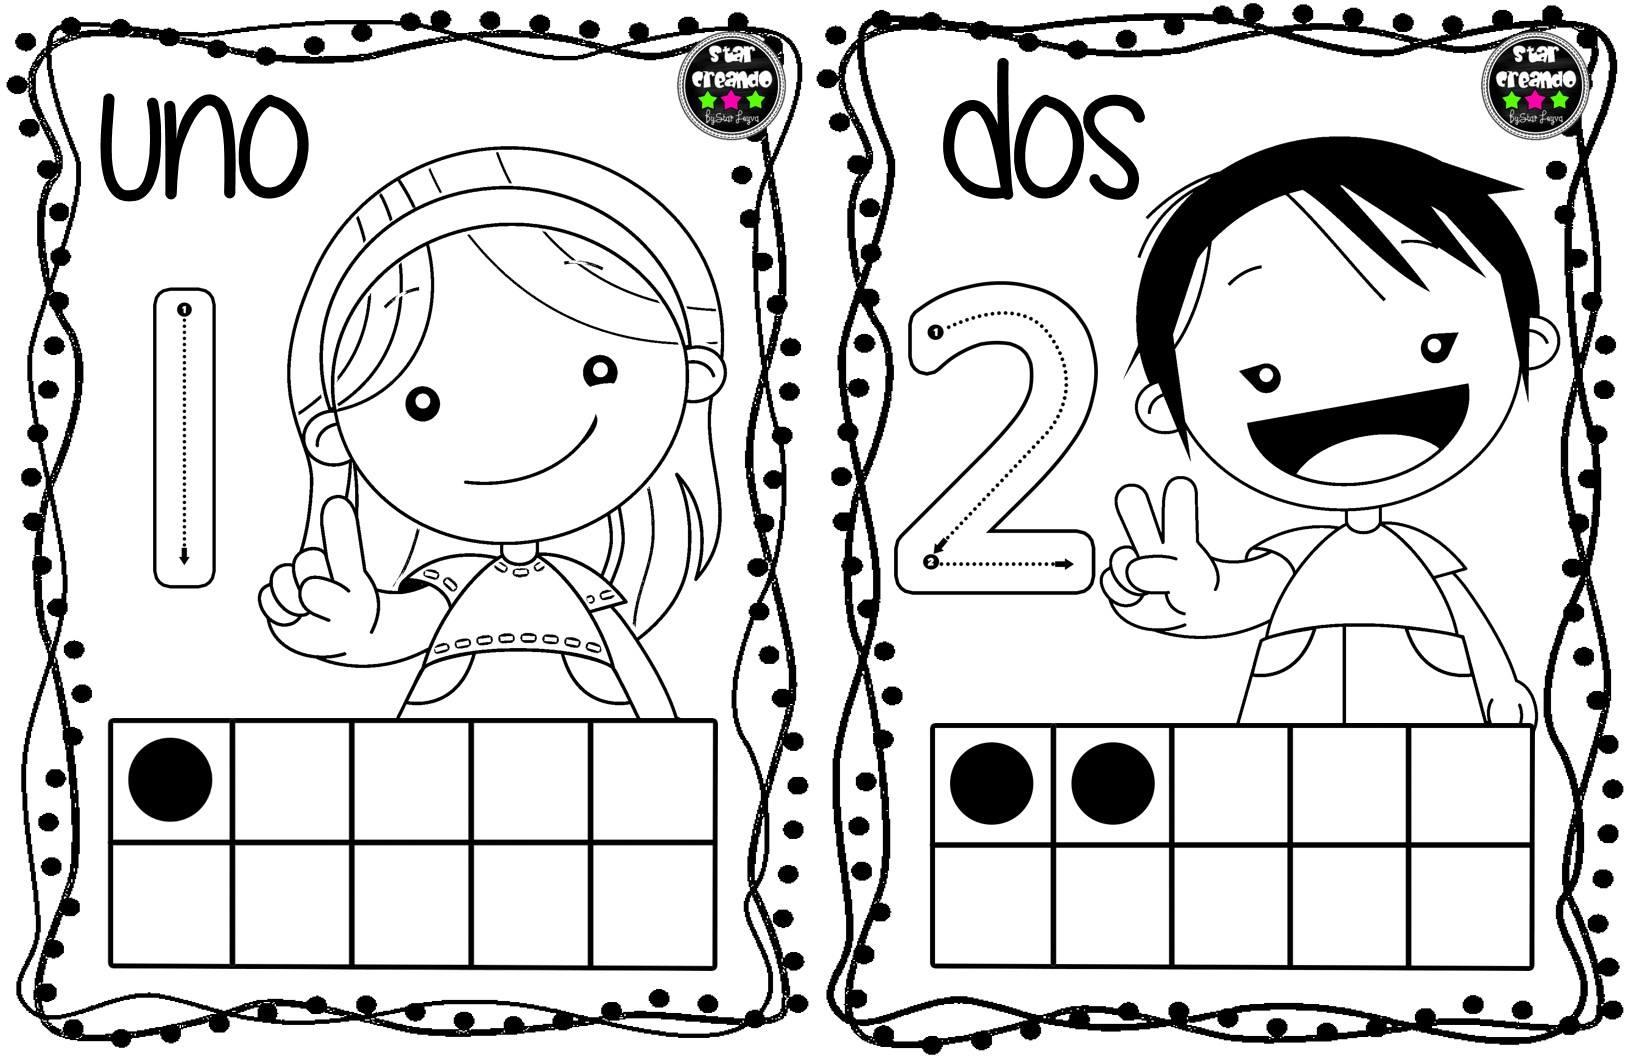 Dibujos Para Colorear Con Numeros Del 1 Al 100: Tarjetas Números Para Colorear (2)